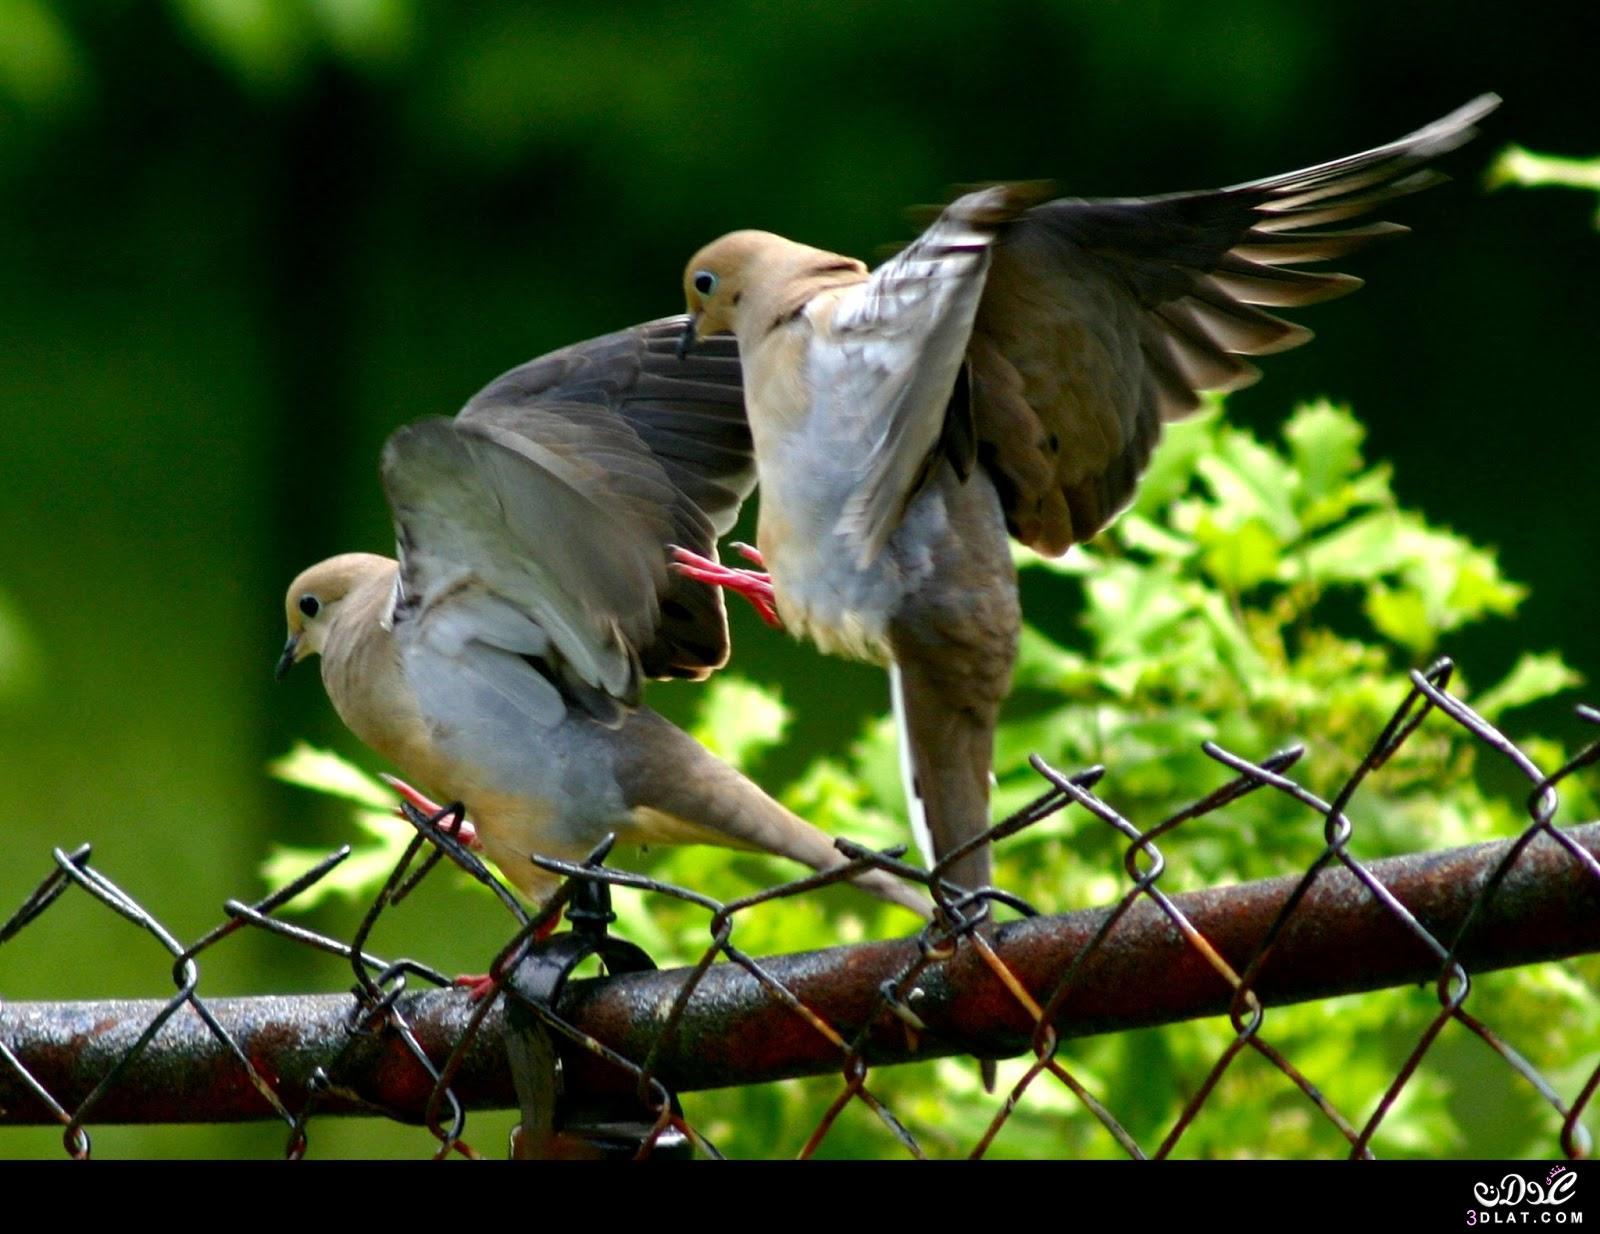 بالصور اجمل طيور العالم , اروع الطيور الزينه فى العالم 1075 11